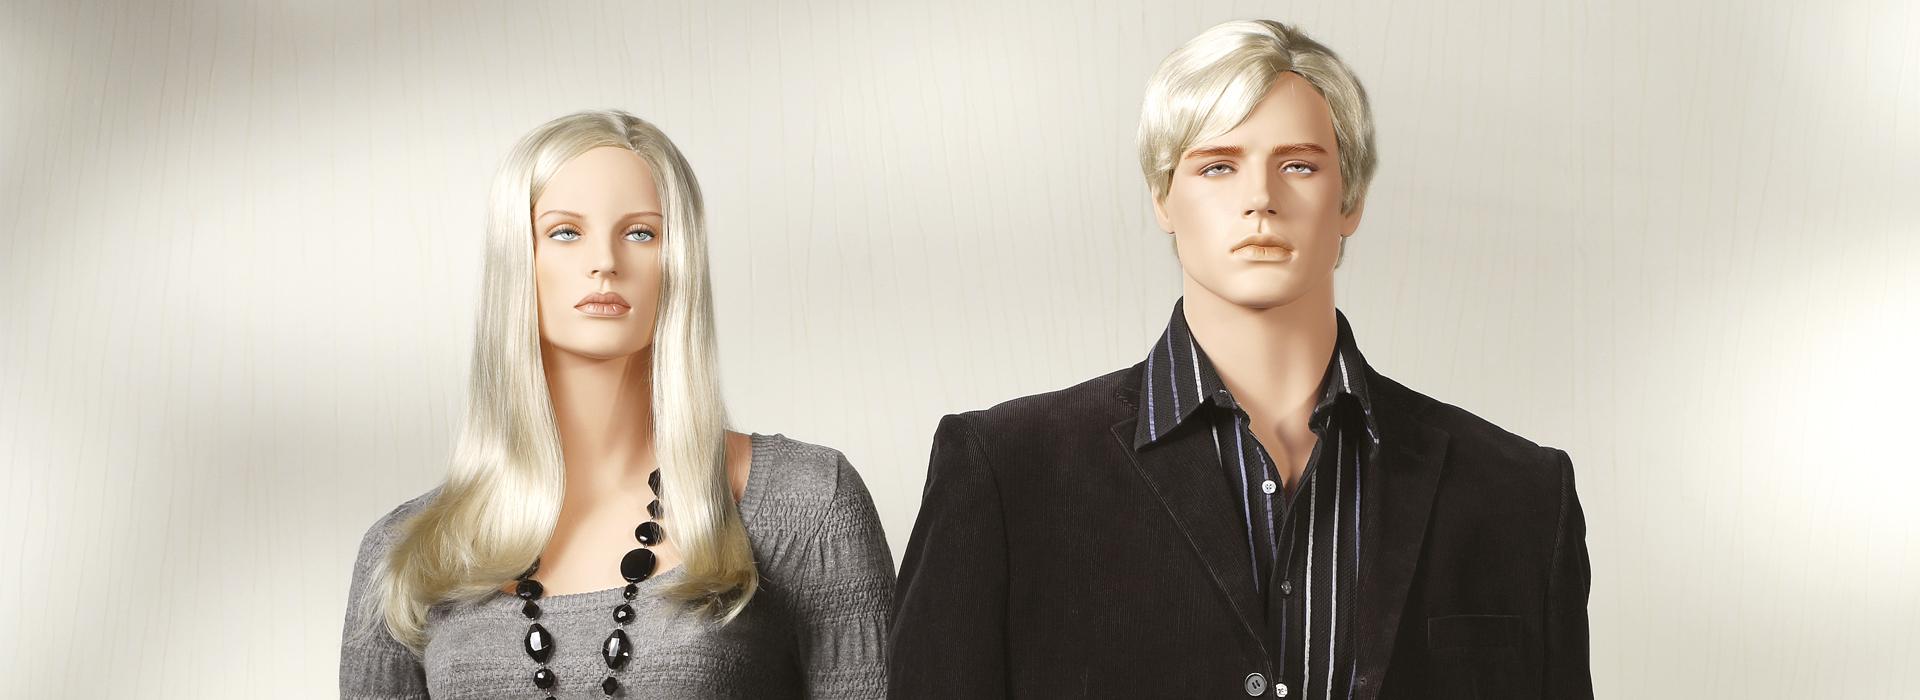 XXL Mannequins